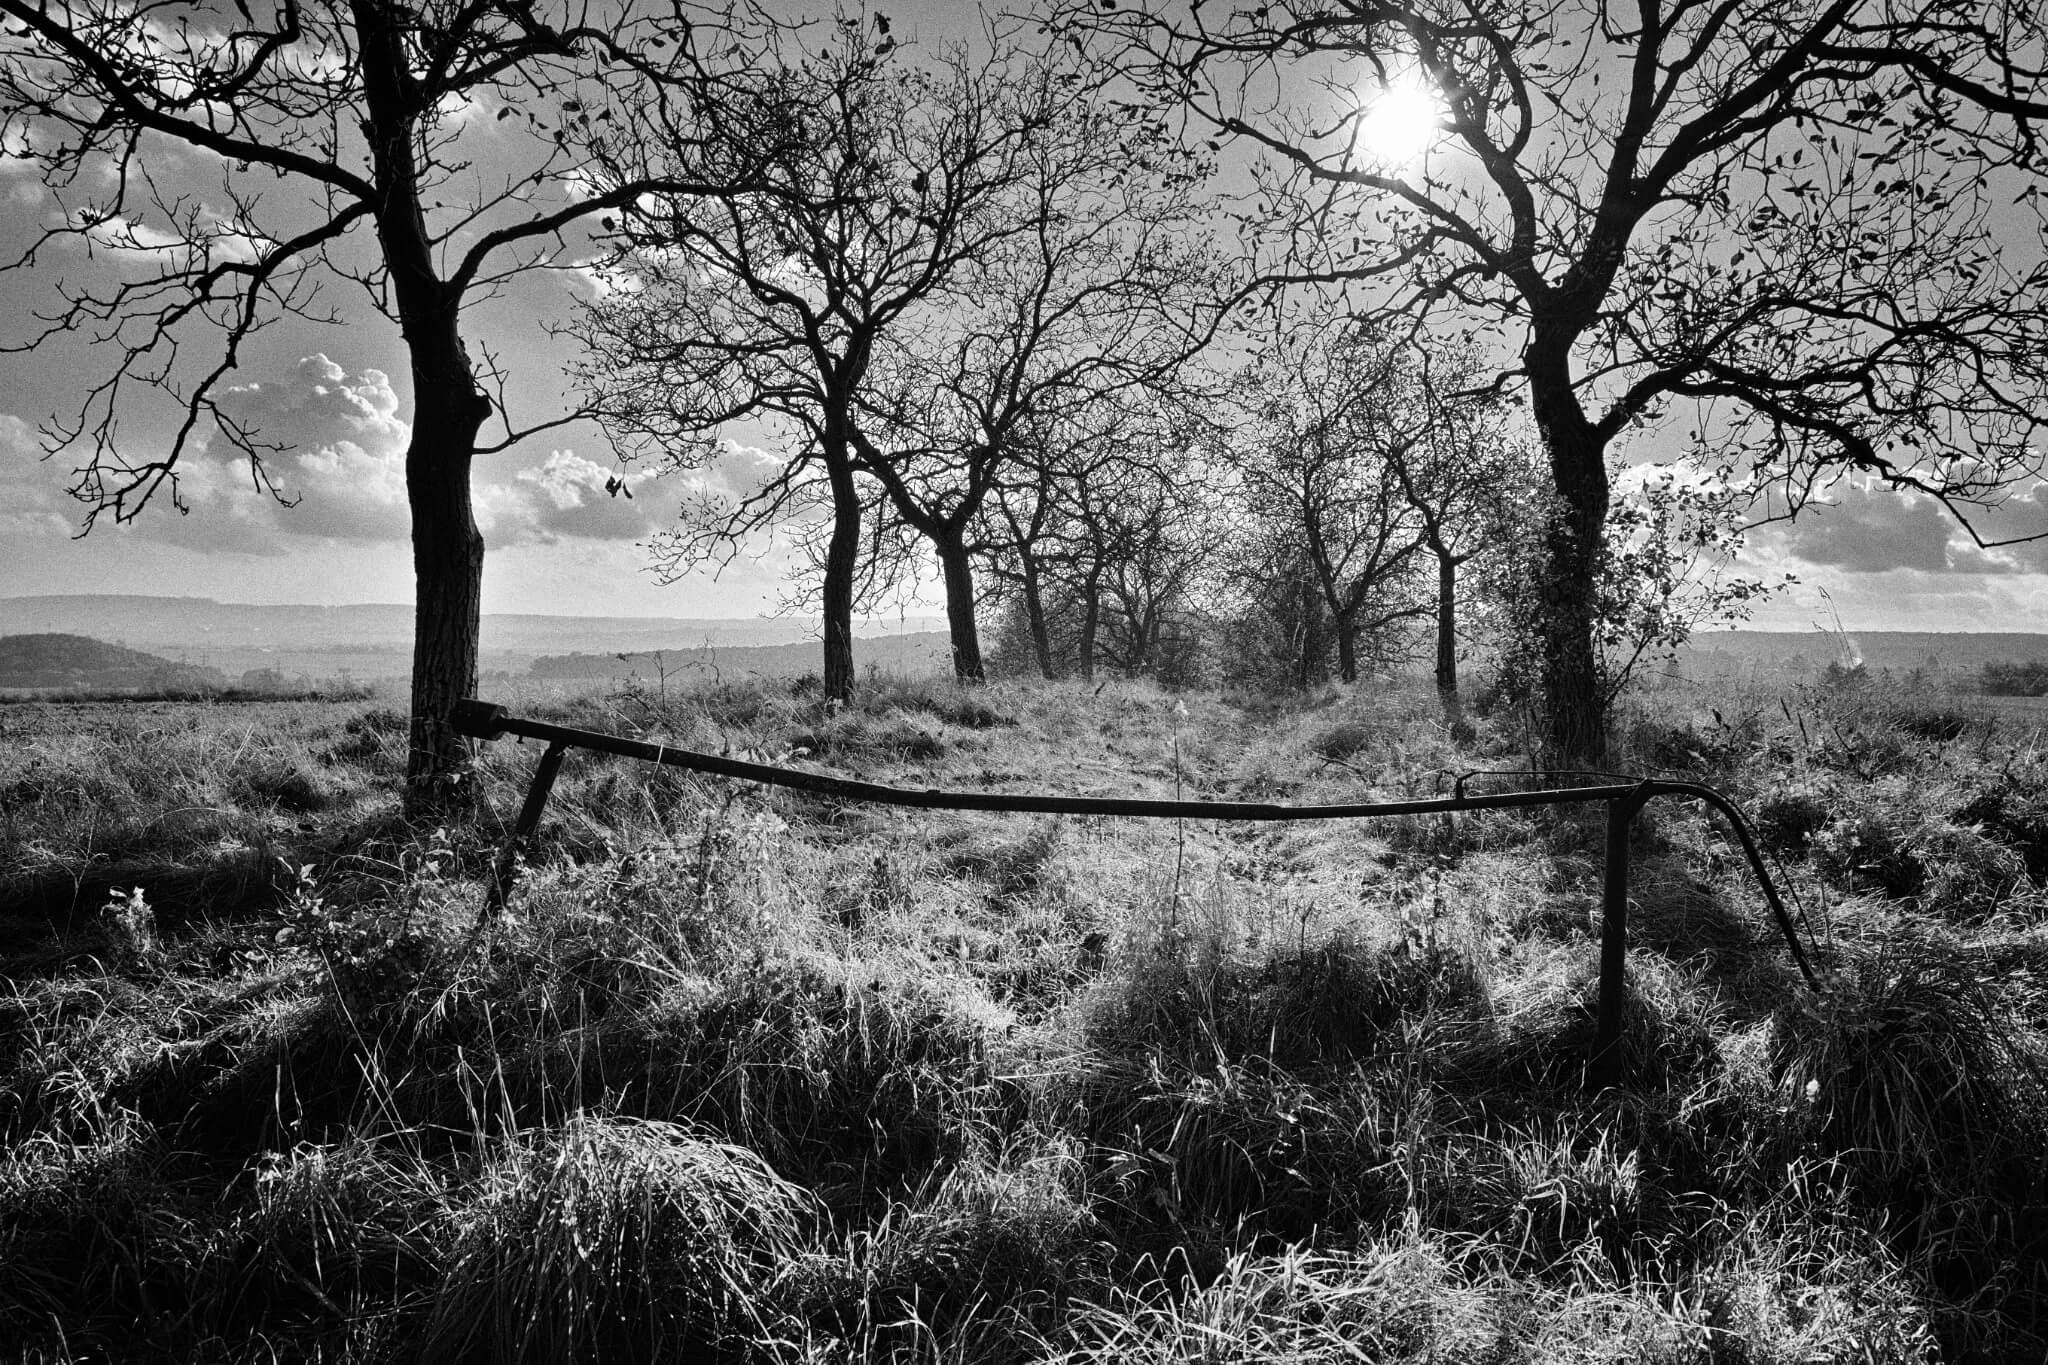 Svět je barevný, ale černobílá fotografie je nesmrtelná | Nikon Z 50 + Nikkor Z DX 16–50 mm f/3,5–6,3 VR | 16 mm, 1/2 000 s, F5,6, ISO 100